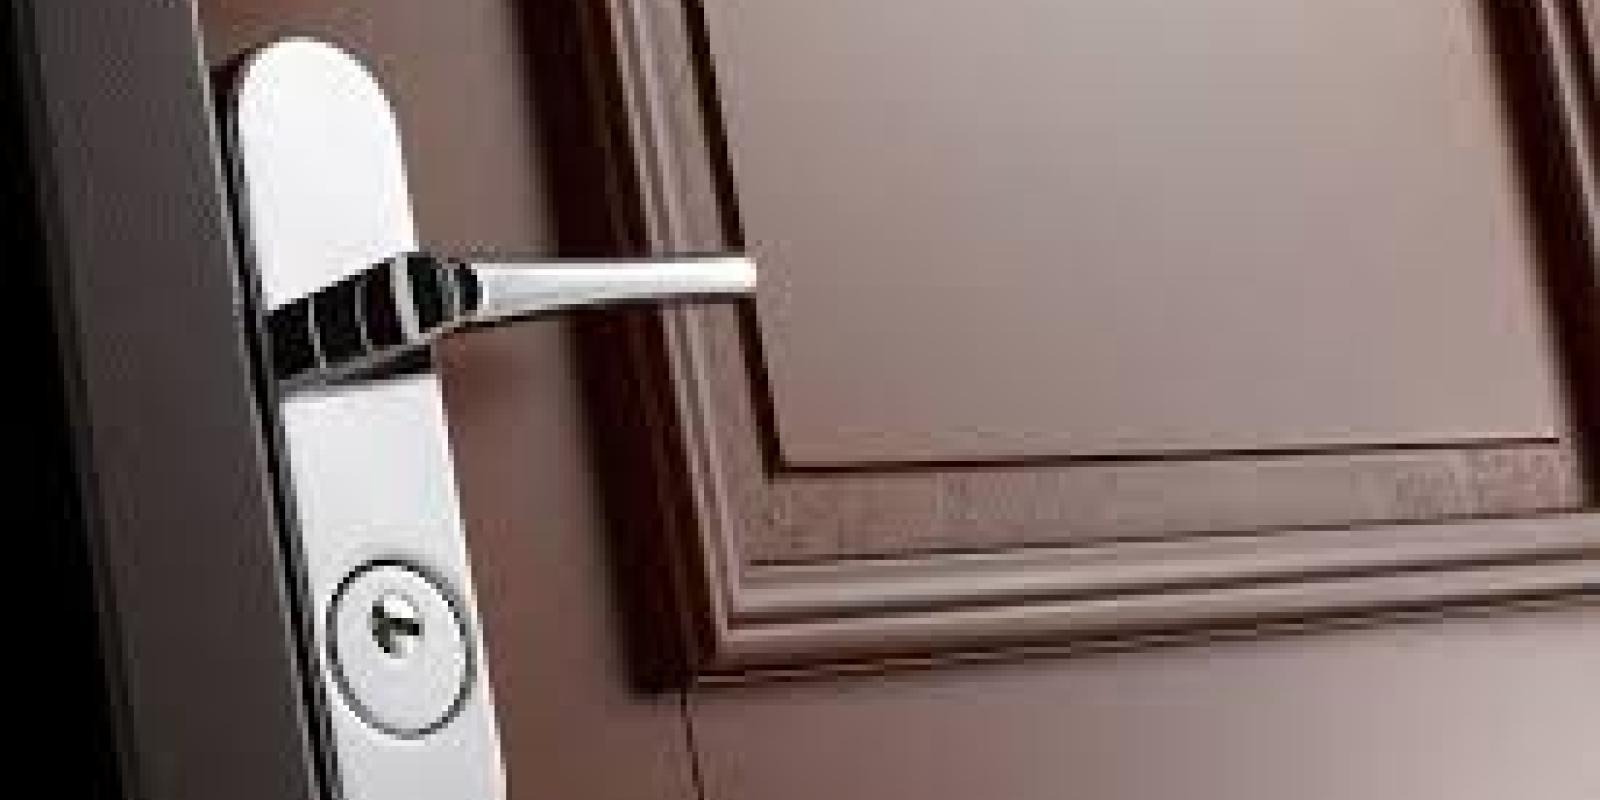 astuce pour ouvrir une porte bloqu e le journal de l 39 co. Black Bedroom Furniture Sets. Home Design Ideas